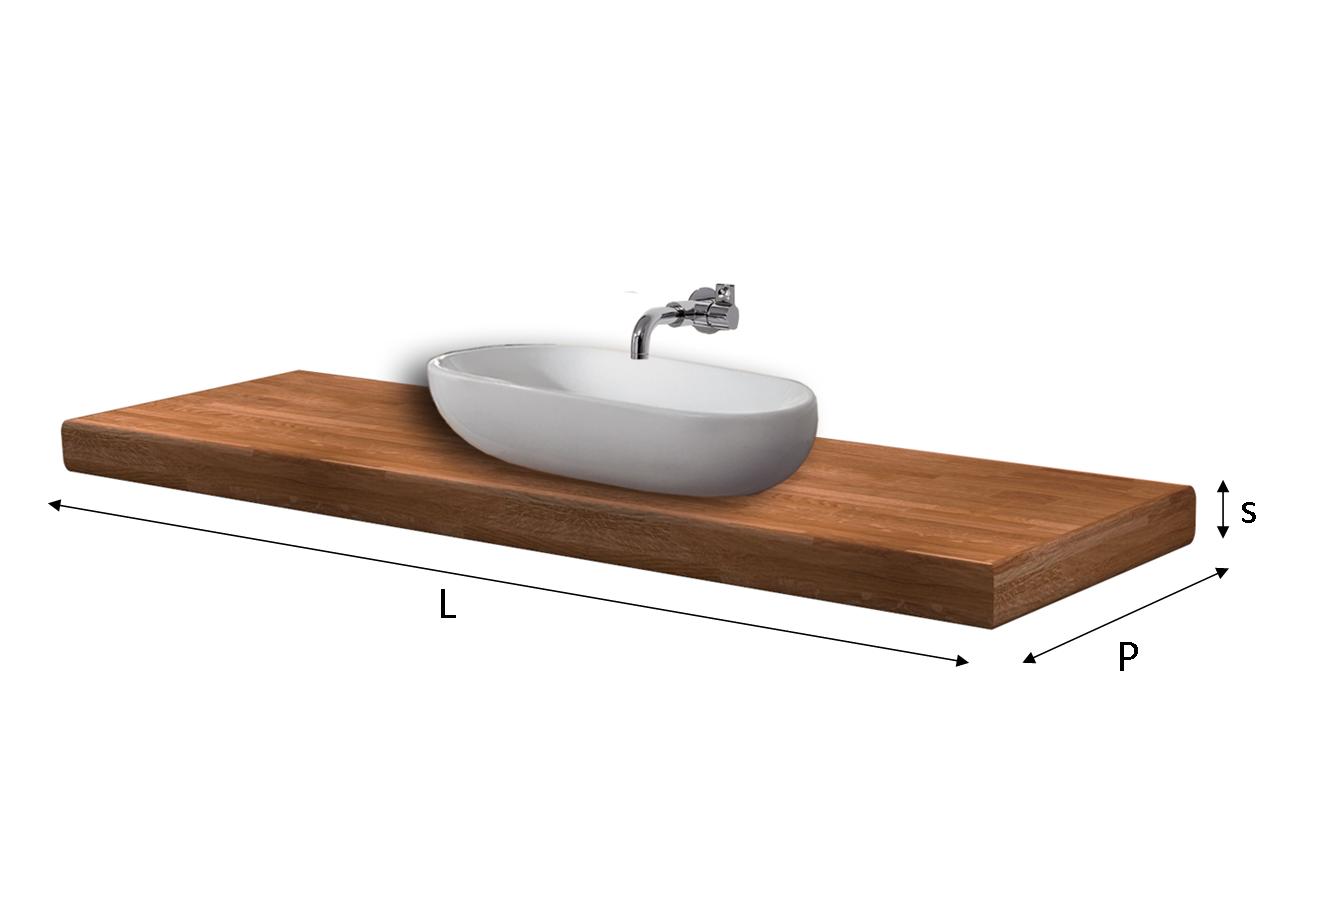 Top lavabo lamellare fj su misura - Top bagno legno massello ...